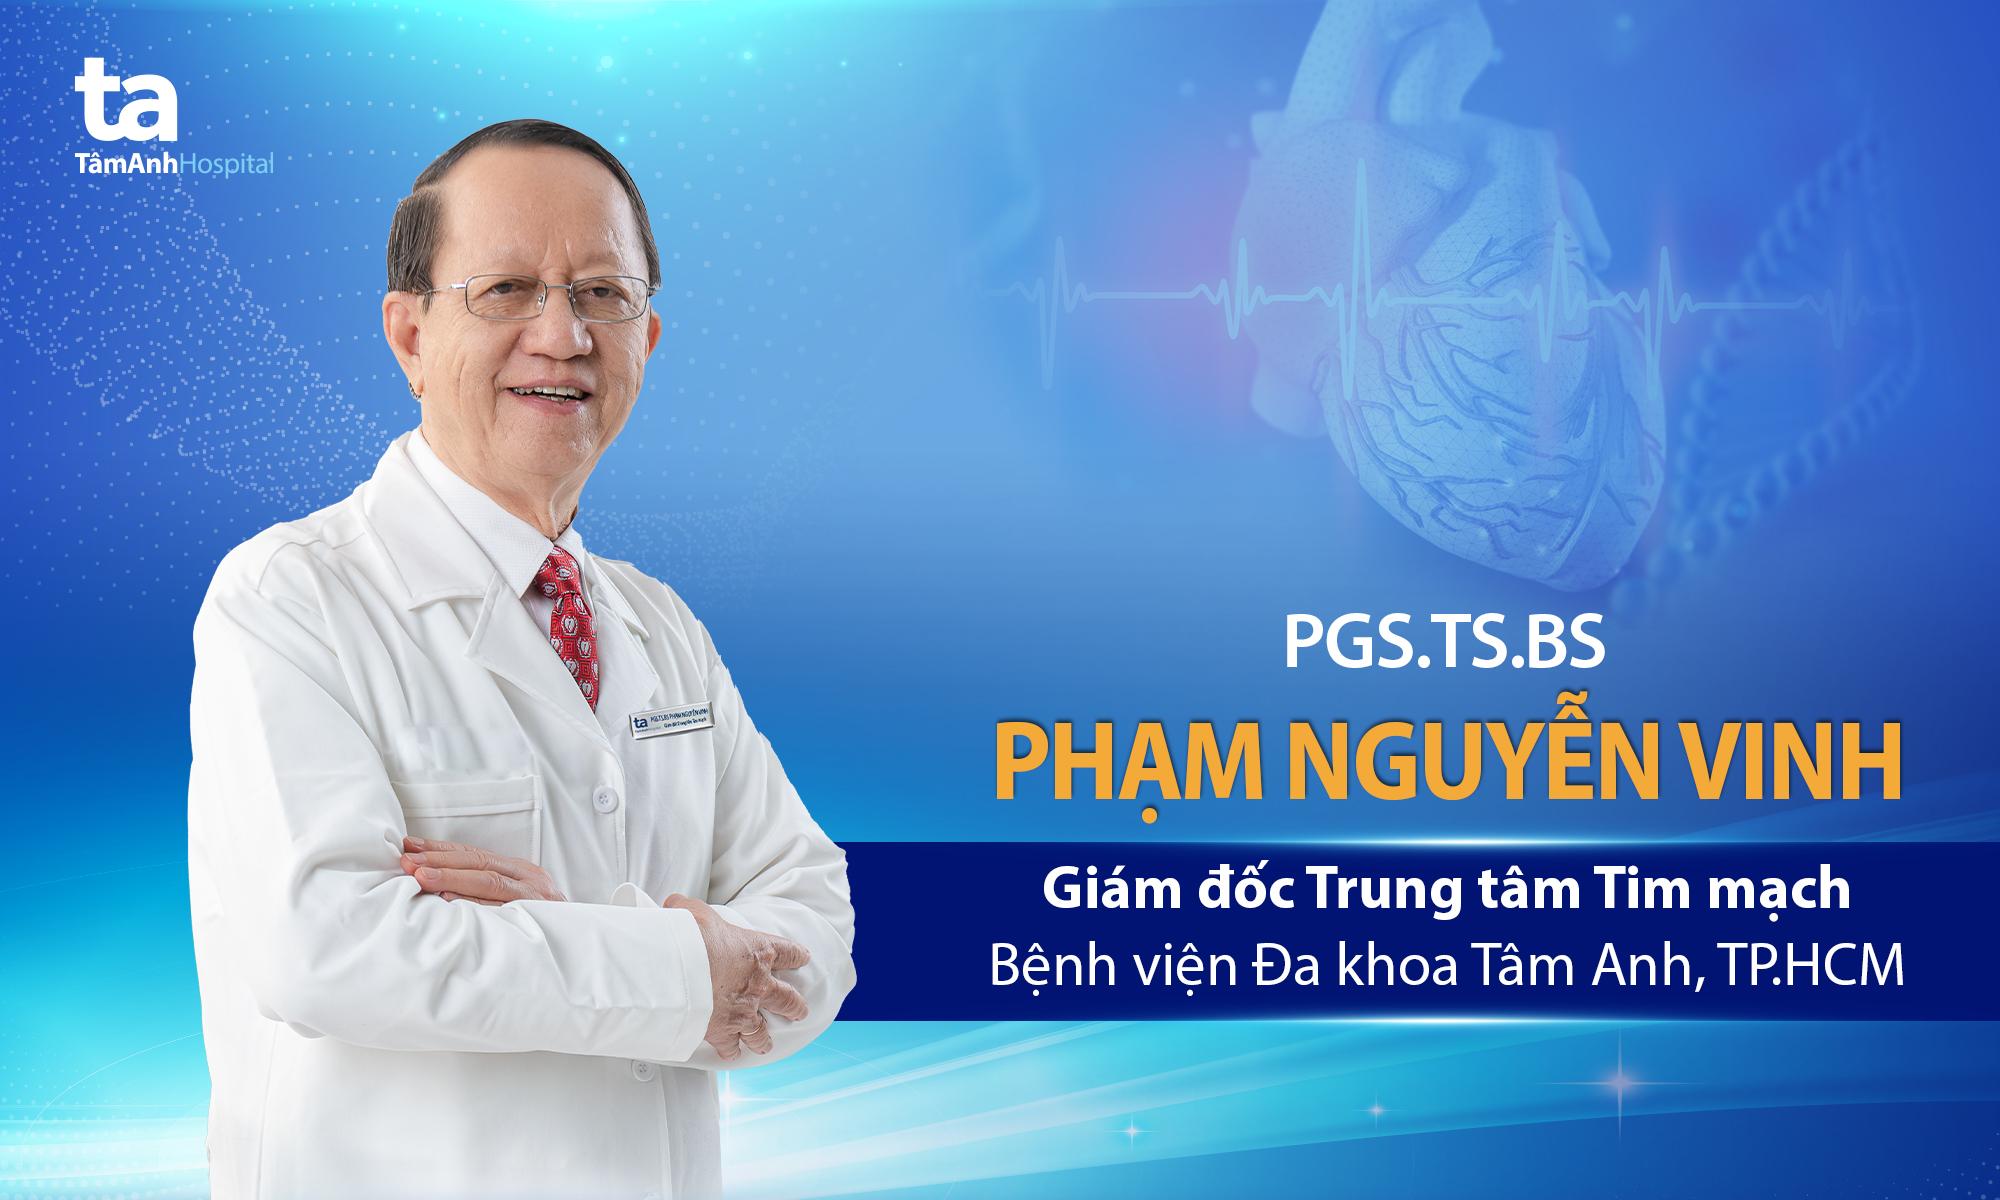 PGS.TS.BS Phạm Nguyễn Vinh